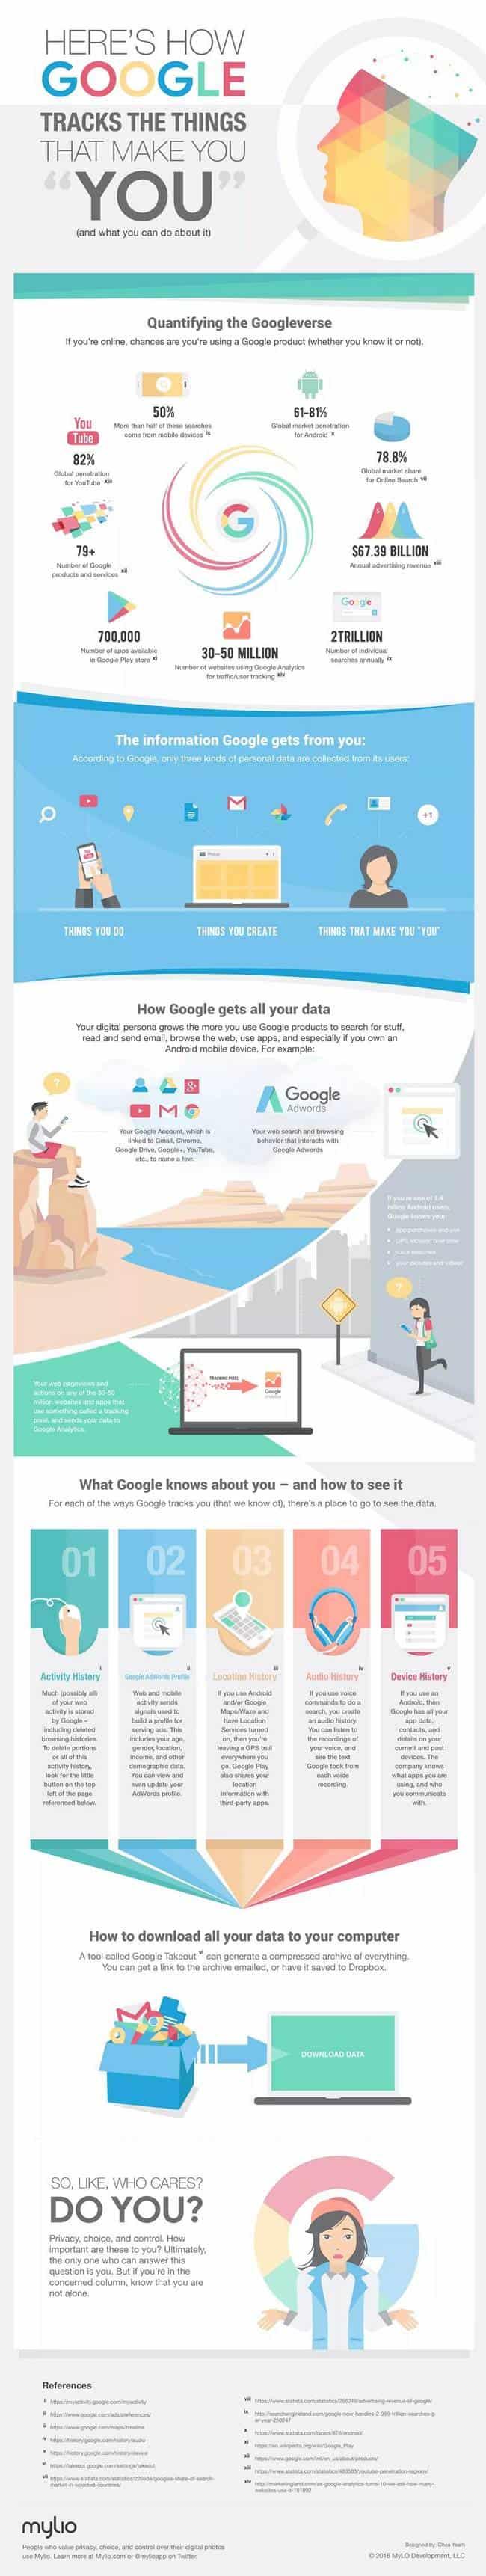 Ce que Google sait de vous …